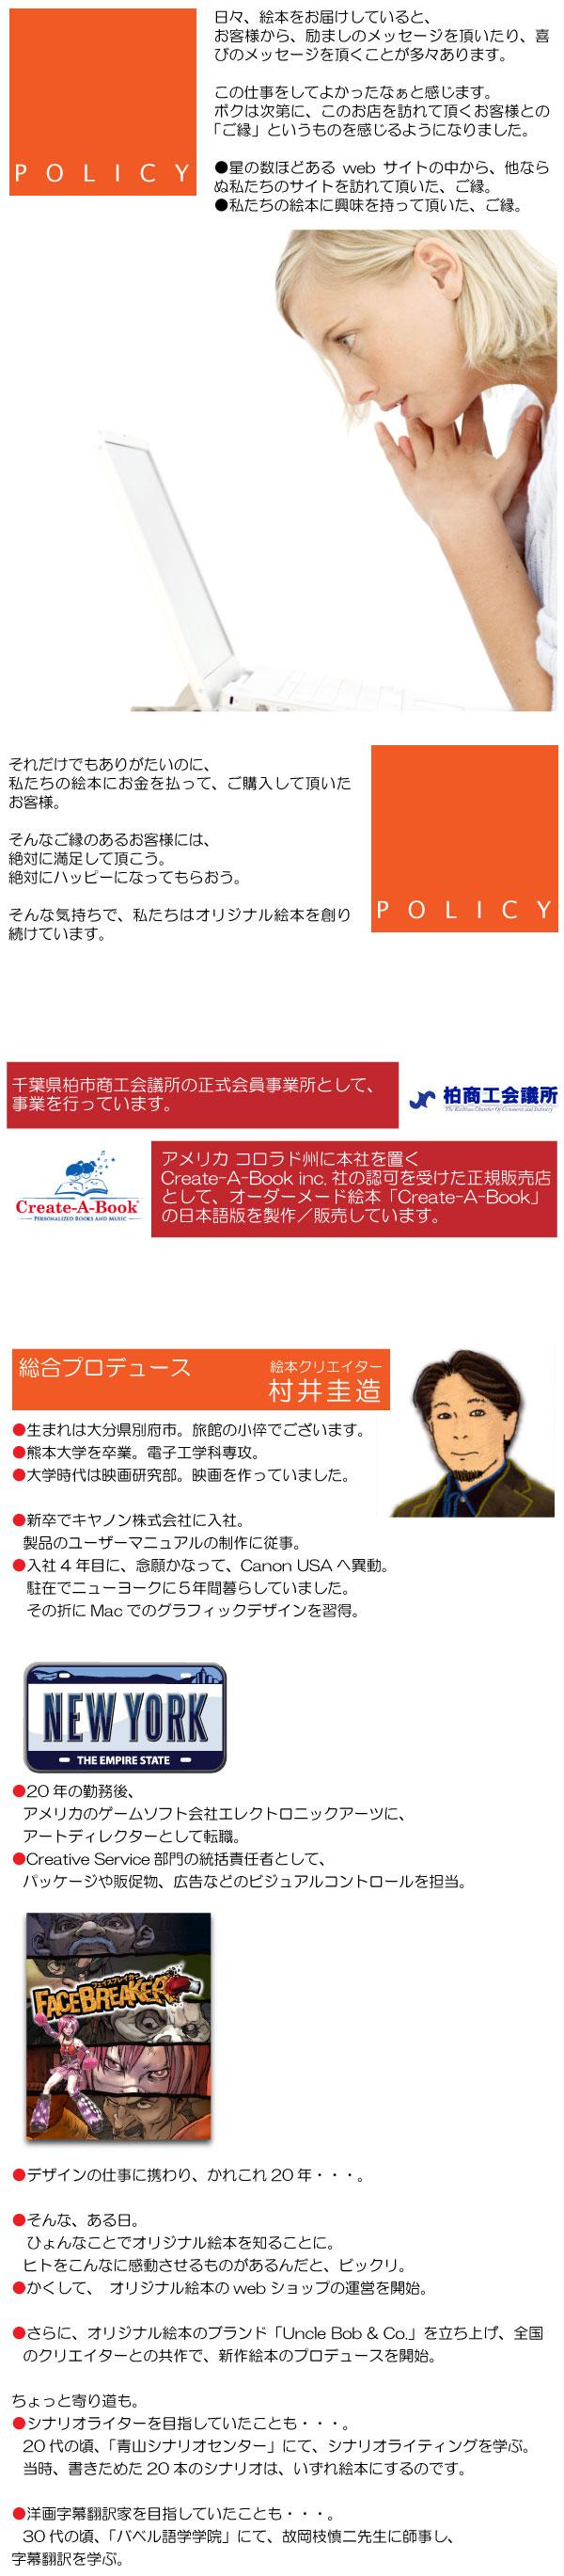 オリジナル絵本 記念deブックストア 会社紹介